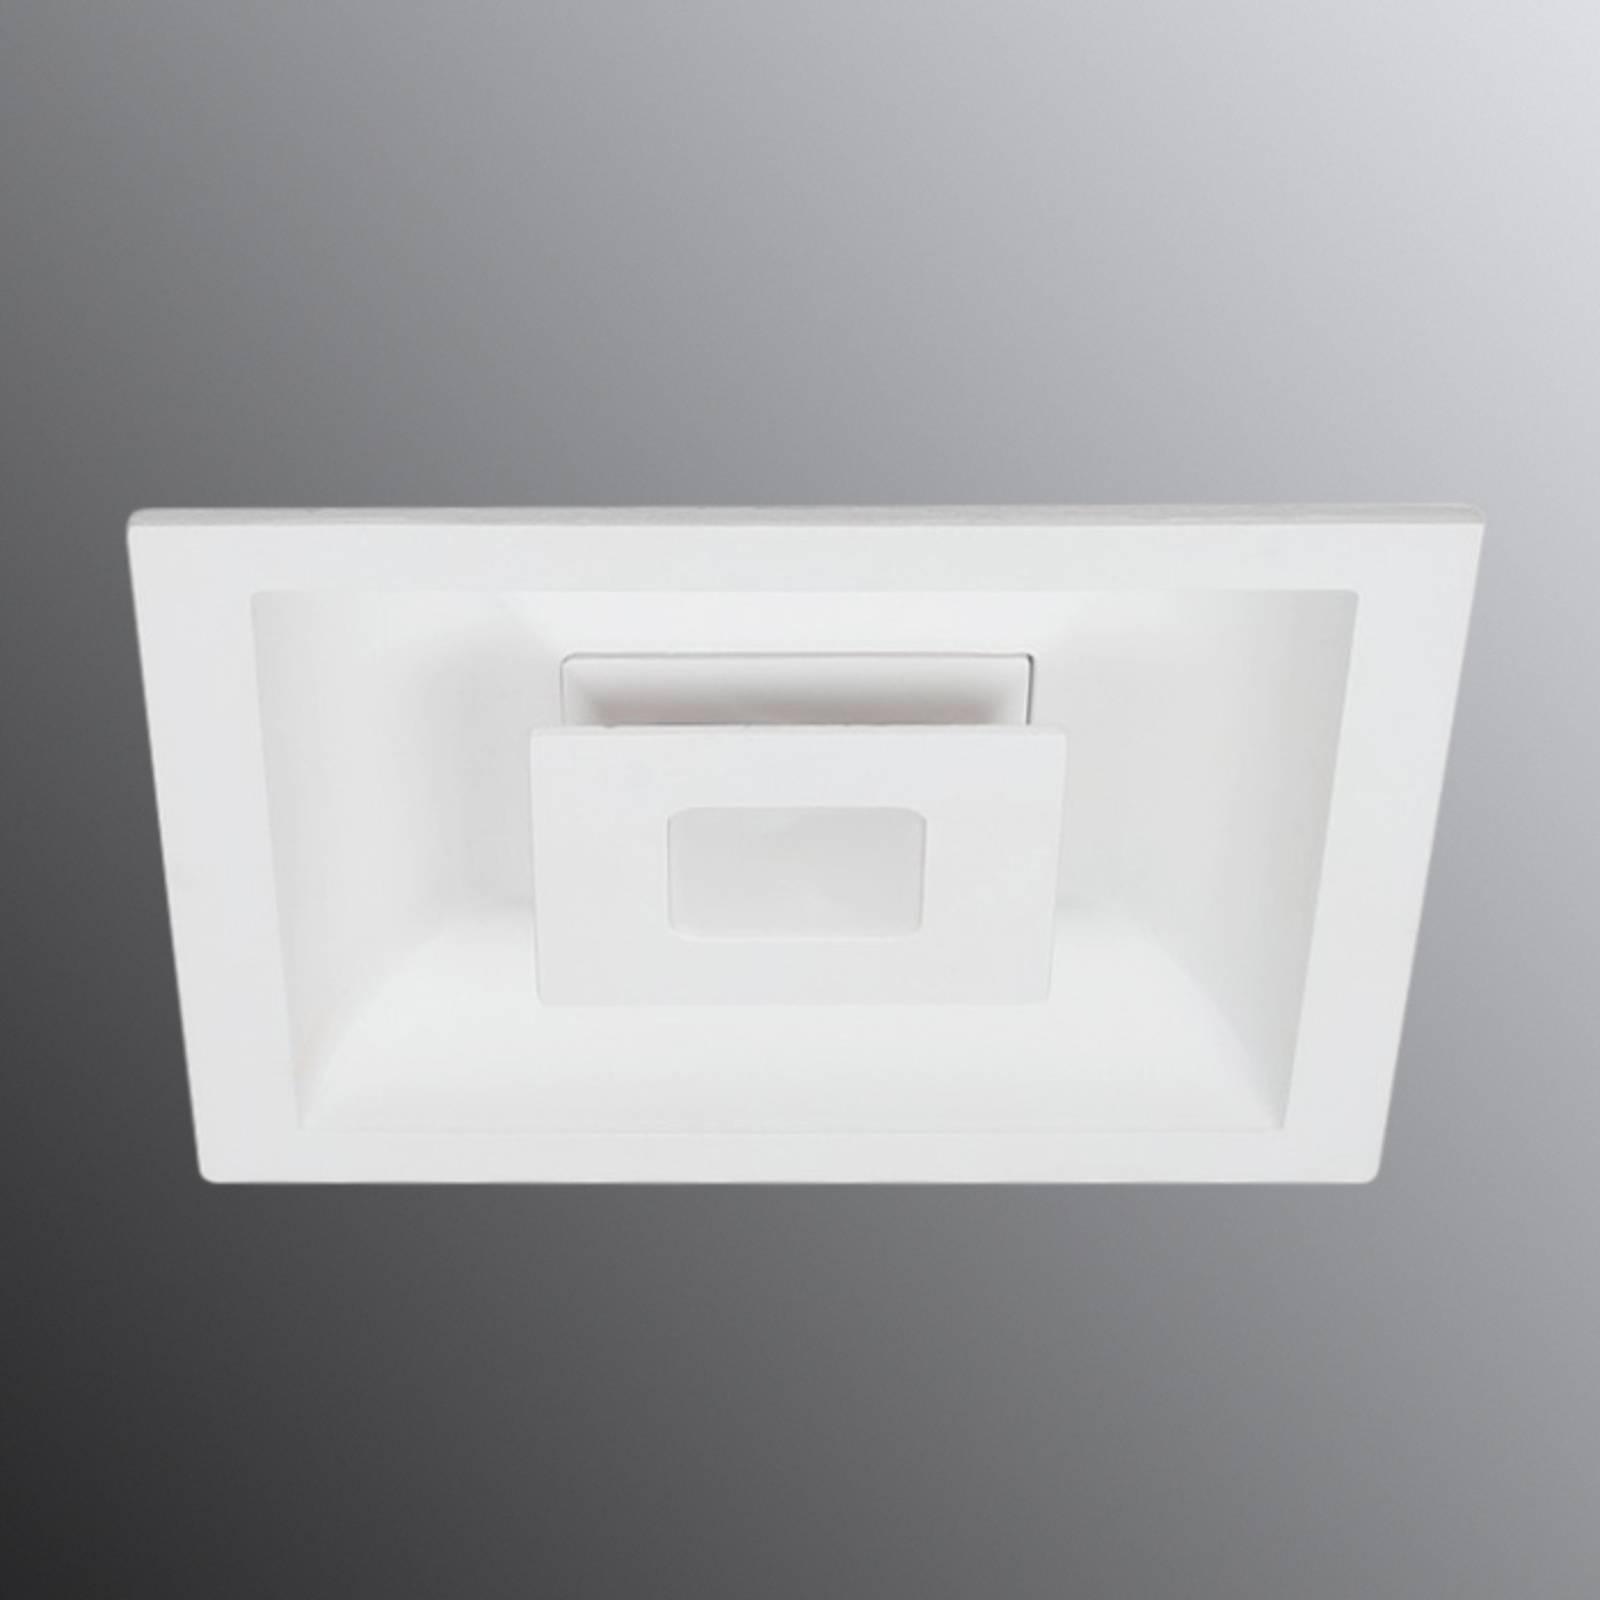 LED-kattouppovalaisin Eclipse, 2 LEDiä kulmikas